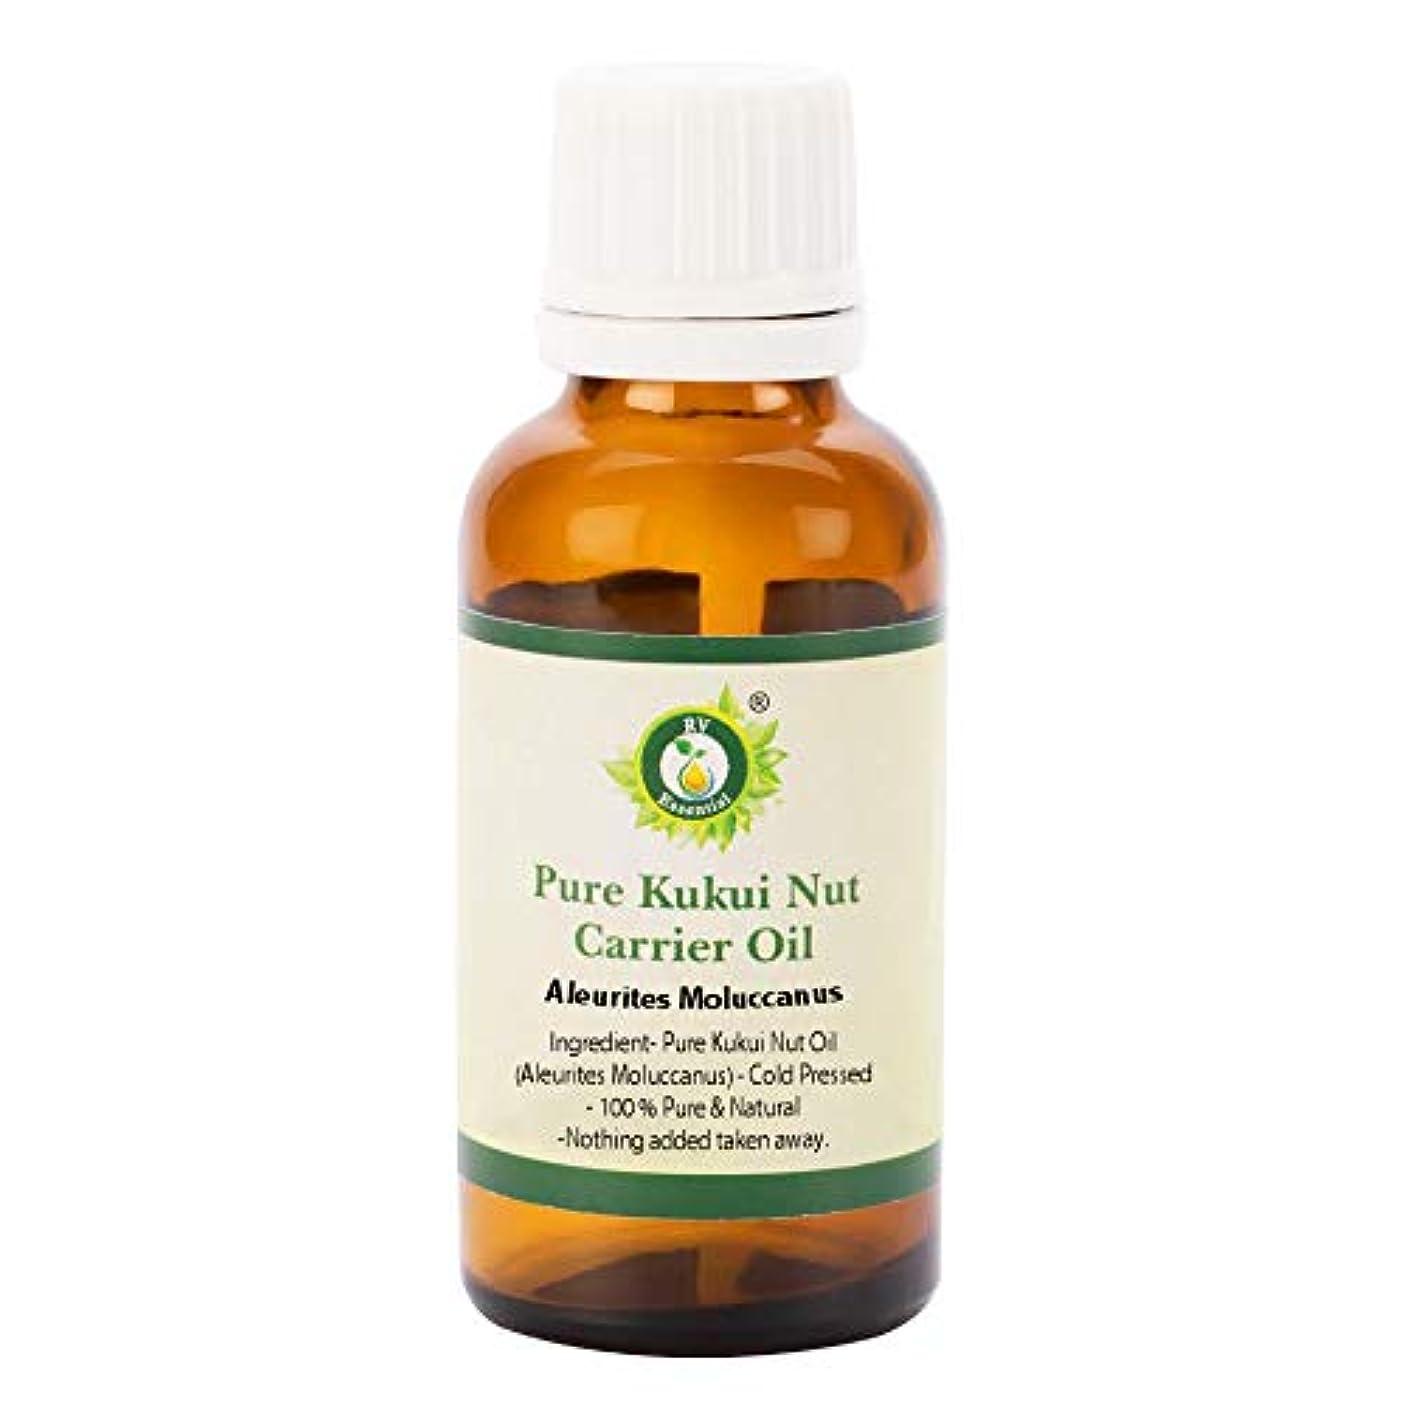 一定フラグラント建物ピュアククイナッツオイルキャリア5ml (0.169oz)- Aleurites Moluccanus (100%ピュア&ナチュラルコールドPressed) Pure Kukui Nut Carrier Oil